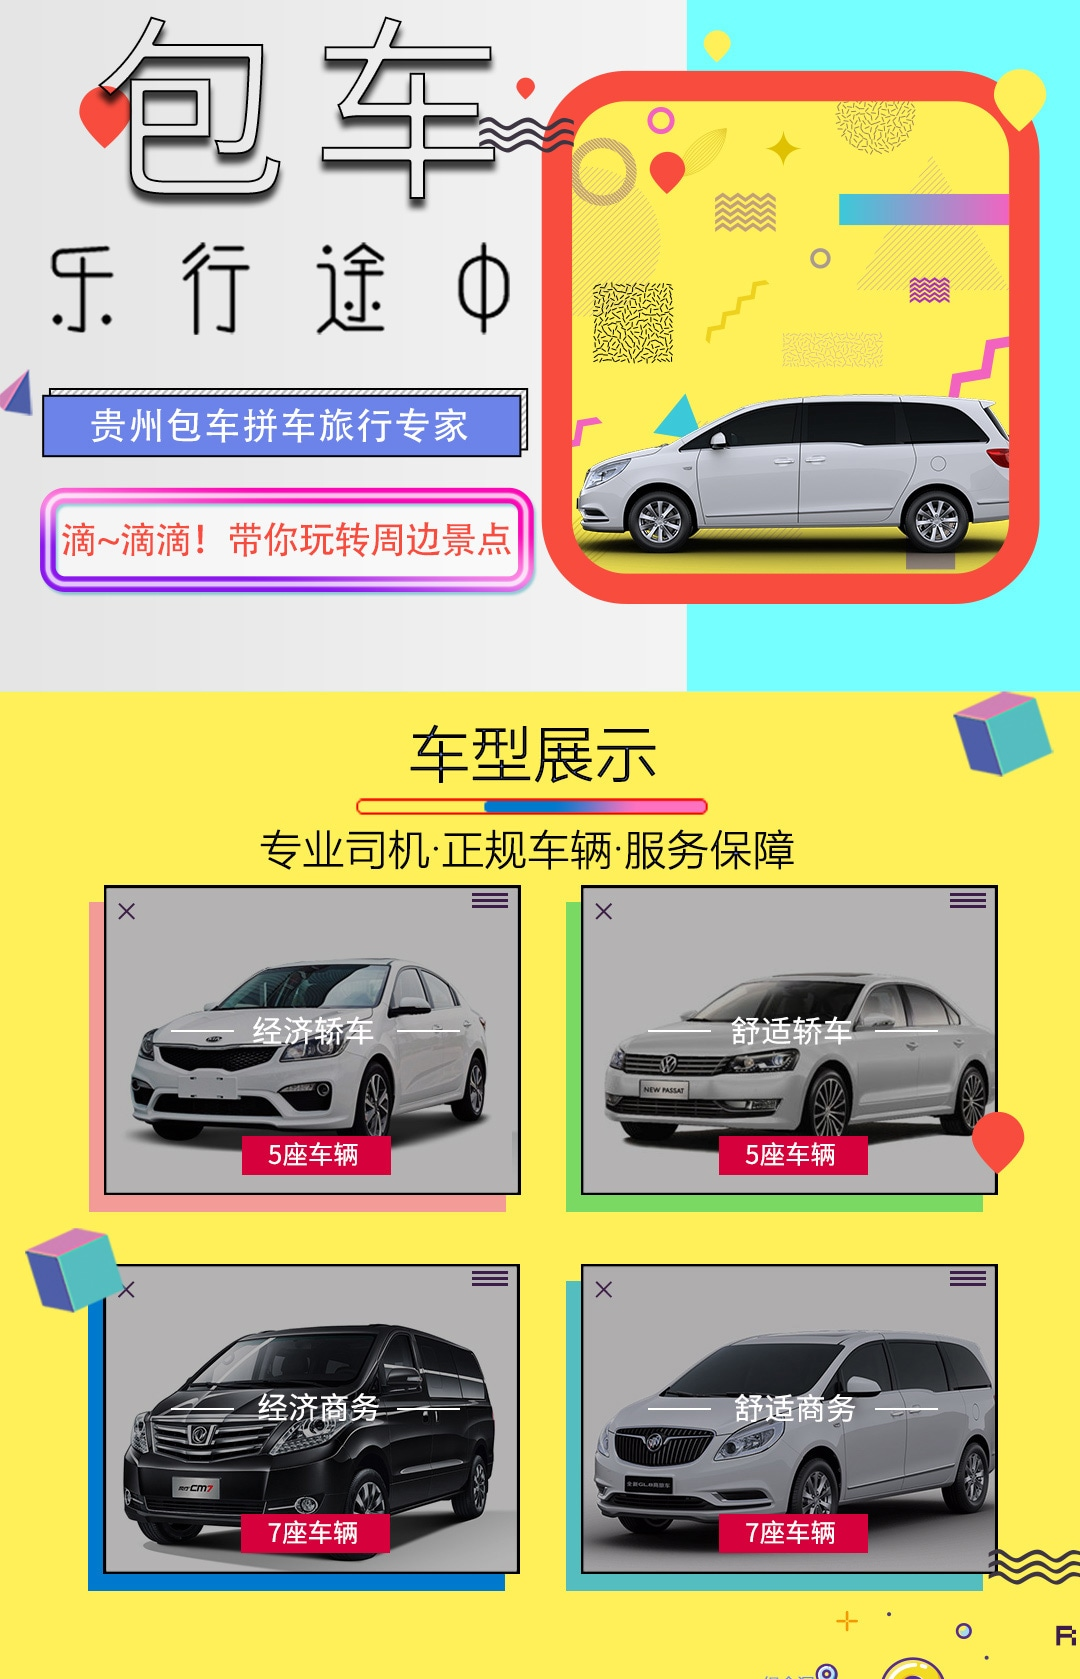 可装行李x2 参考车型:丰田凯美瑞或同等级;后备箱可装2件行李,每减少